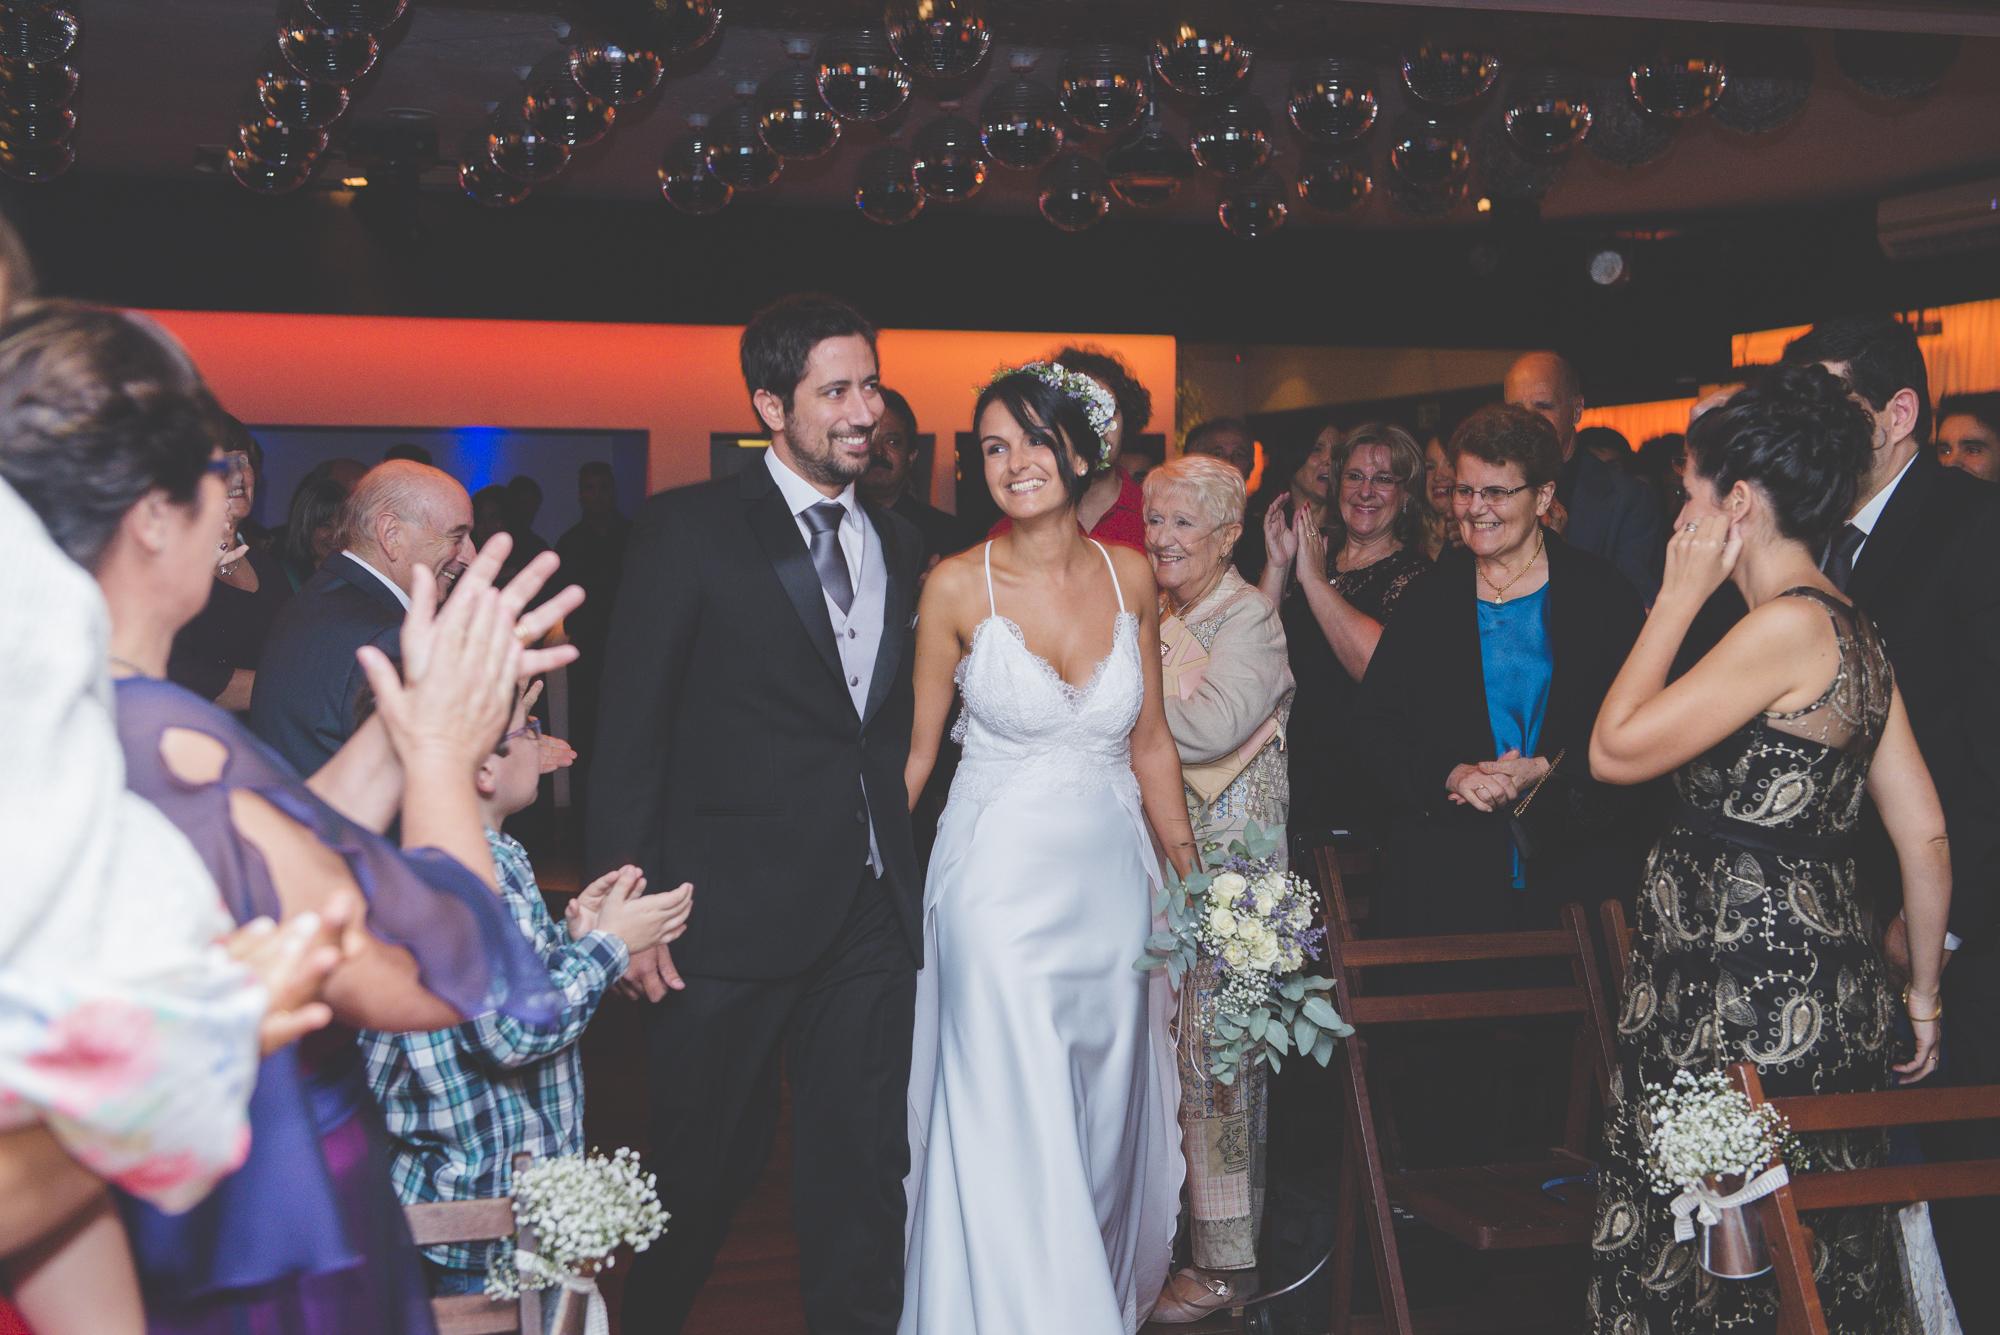 wedding ceremony photography, fotografia de bodas ceremonia civil